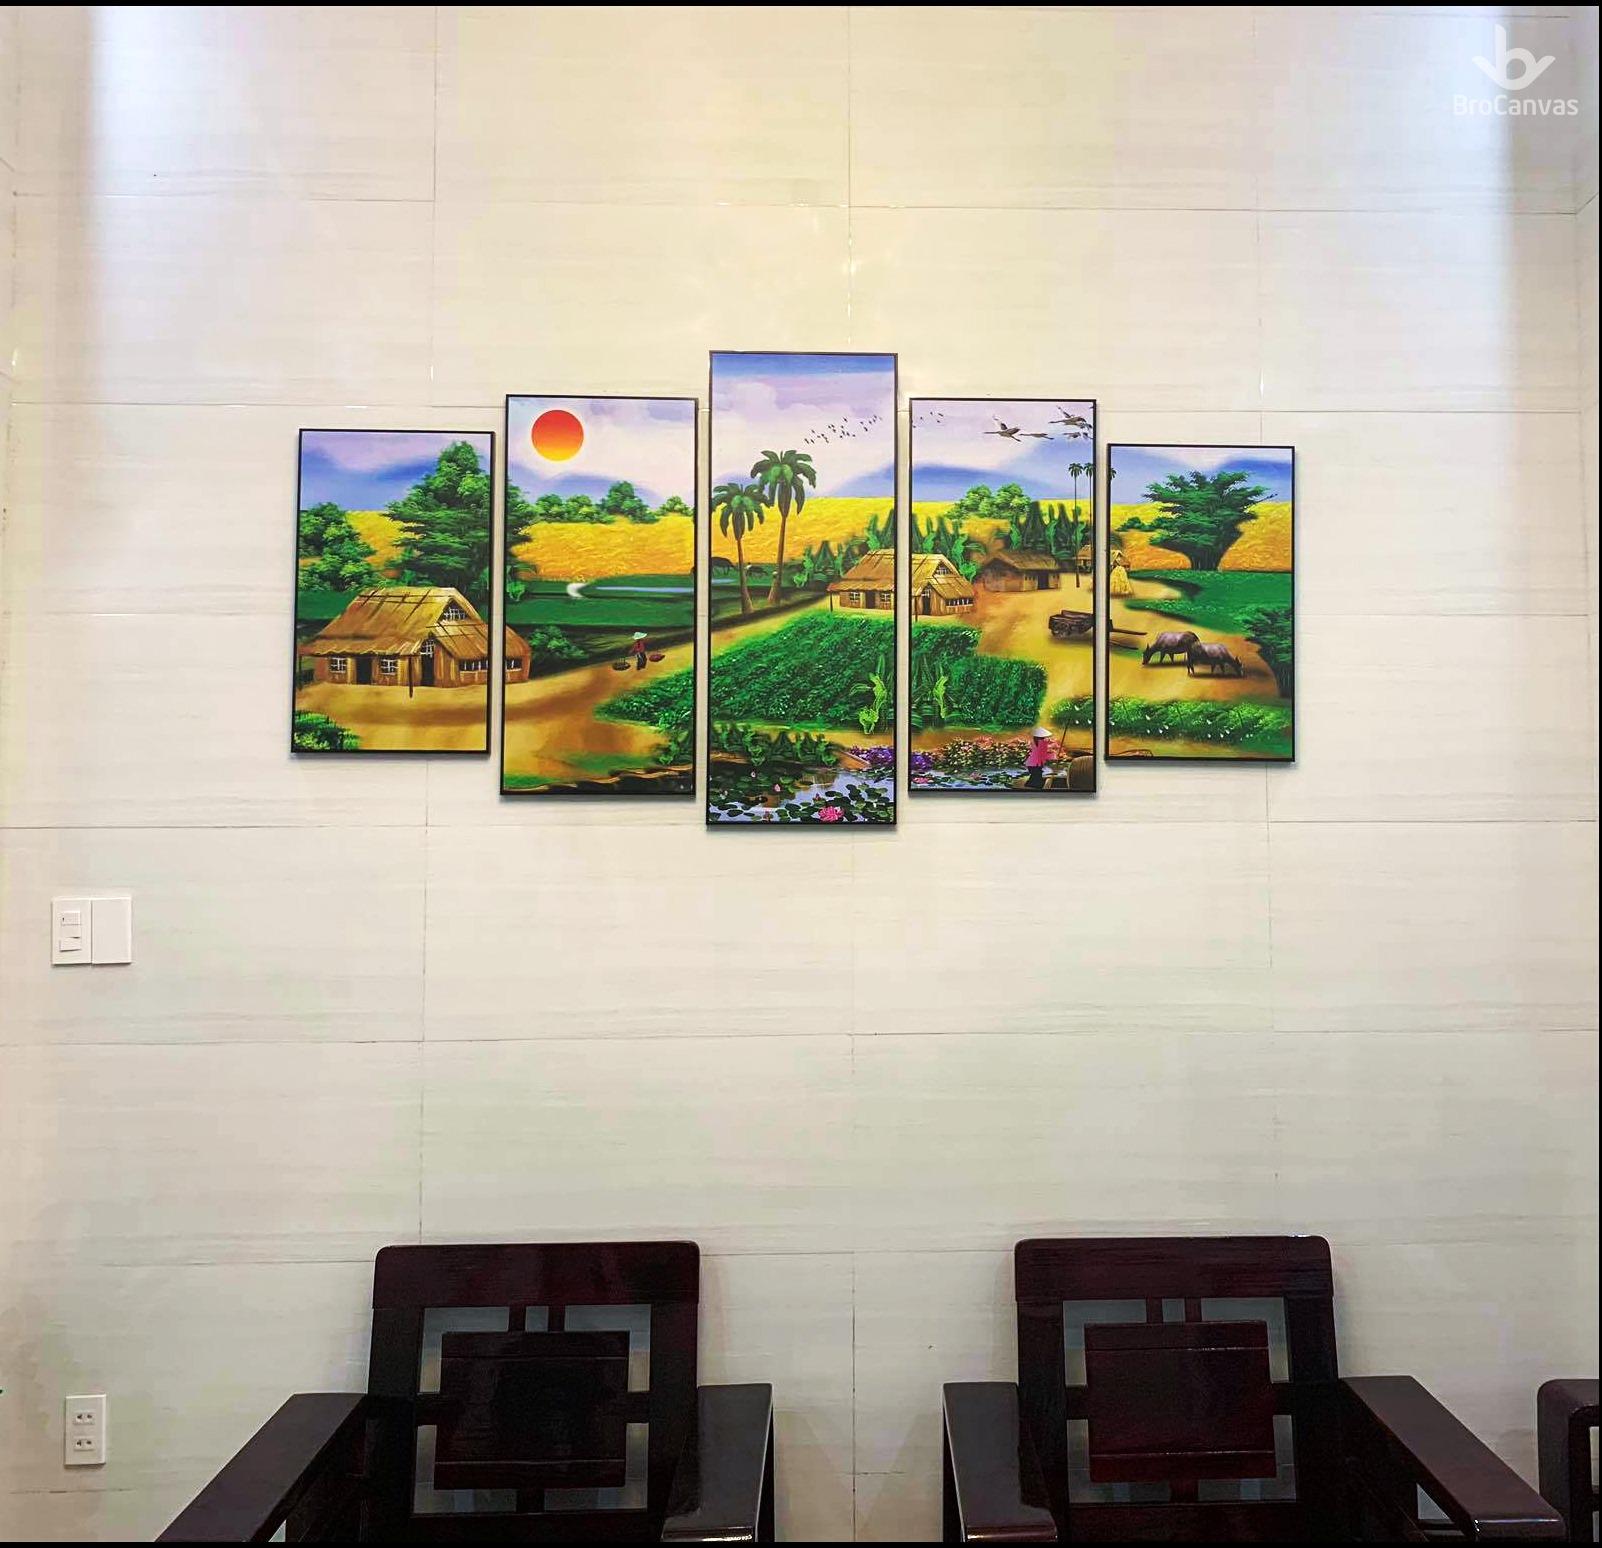 Tranh canvas giá rẻ có bền hay không?